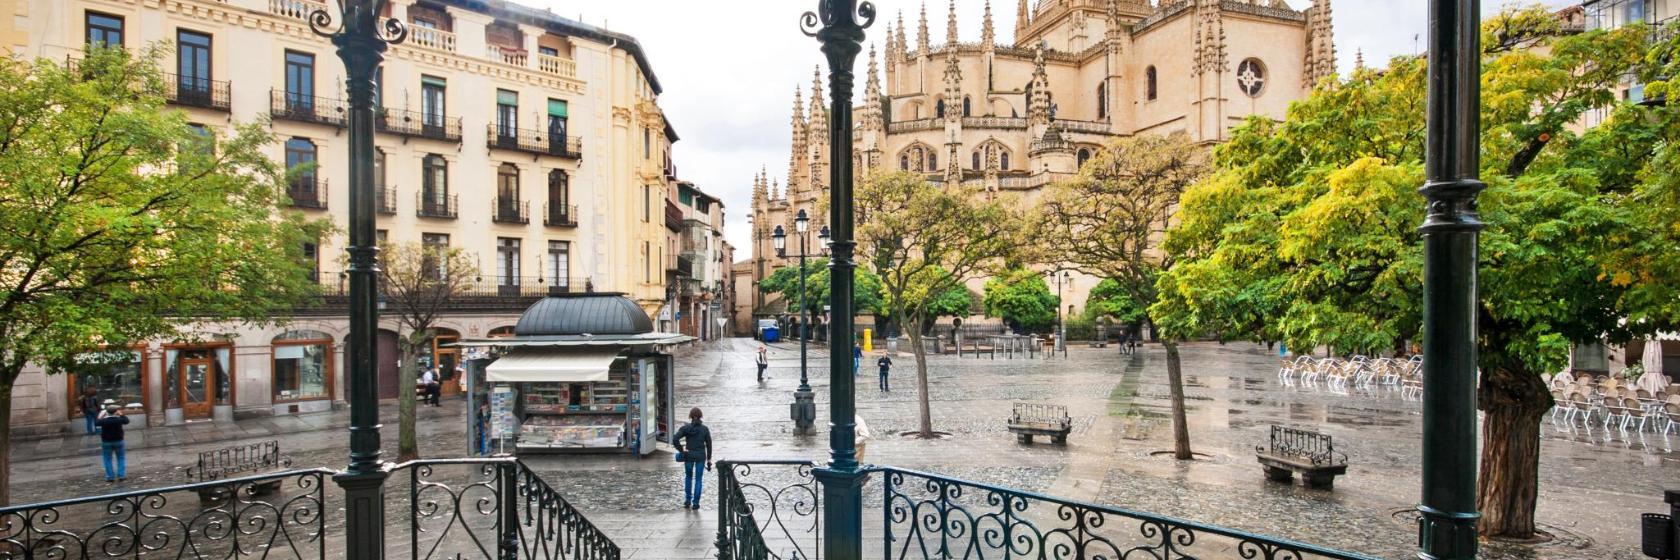 Los 10 mejores hoteles cerca de: Plaza Mayor, Segovia, España